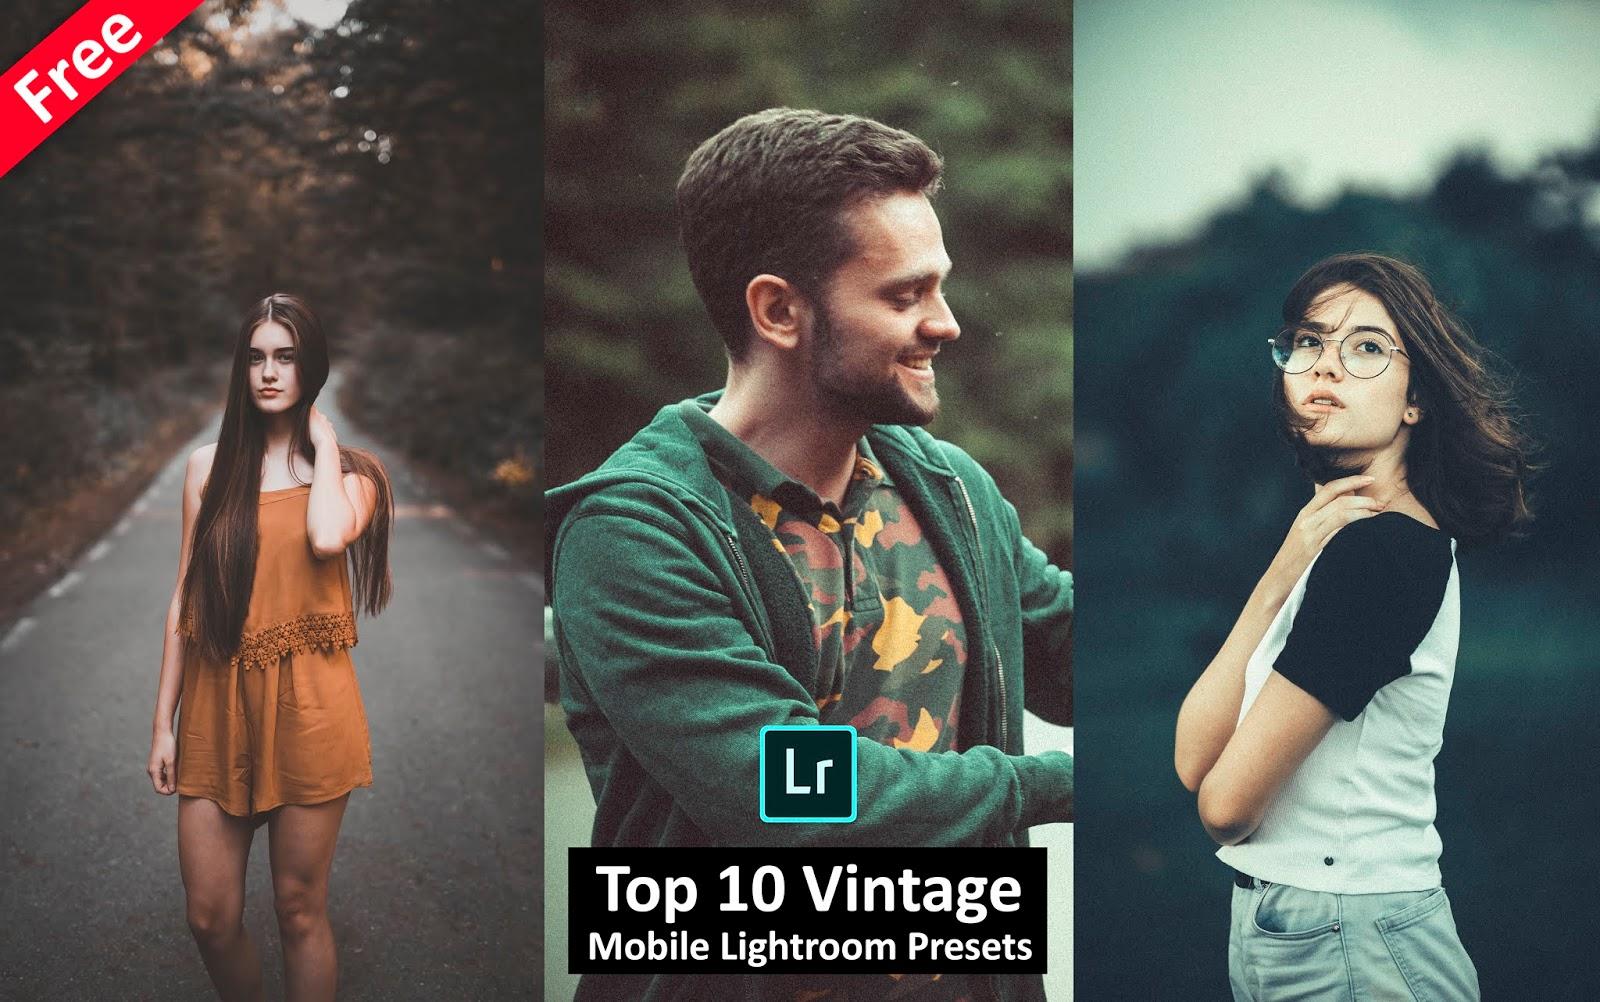 Download Top 10 Vintage Mobile Lightroom Presets for Free | How to Make Vintage Effect in Mobile Lightroom Preset